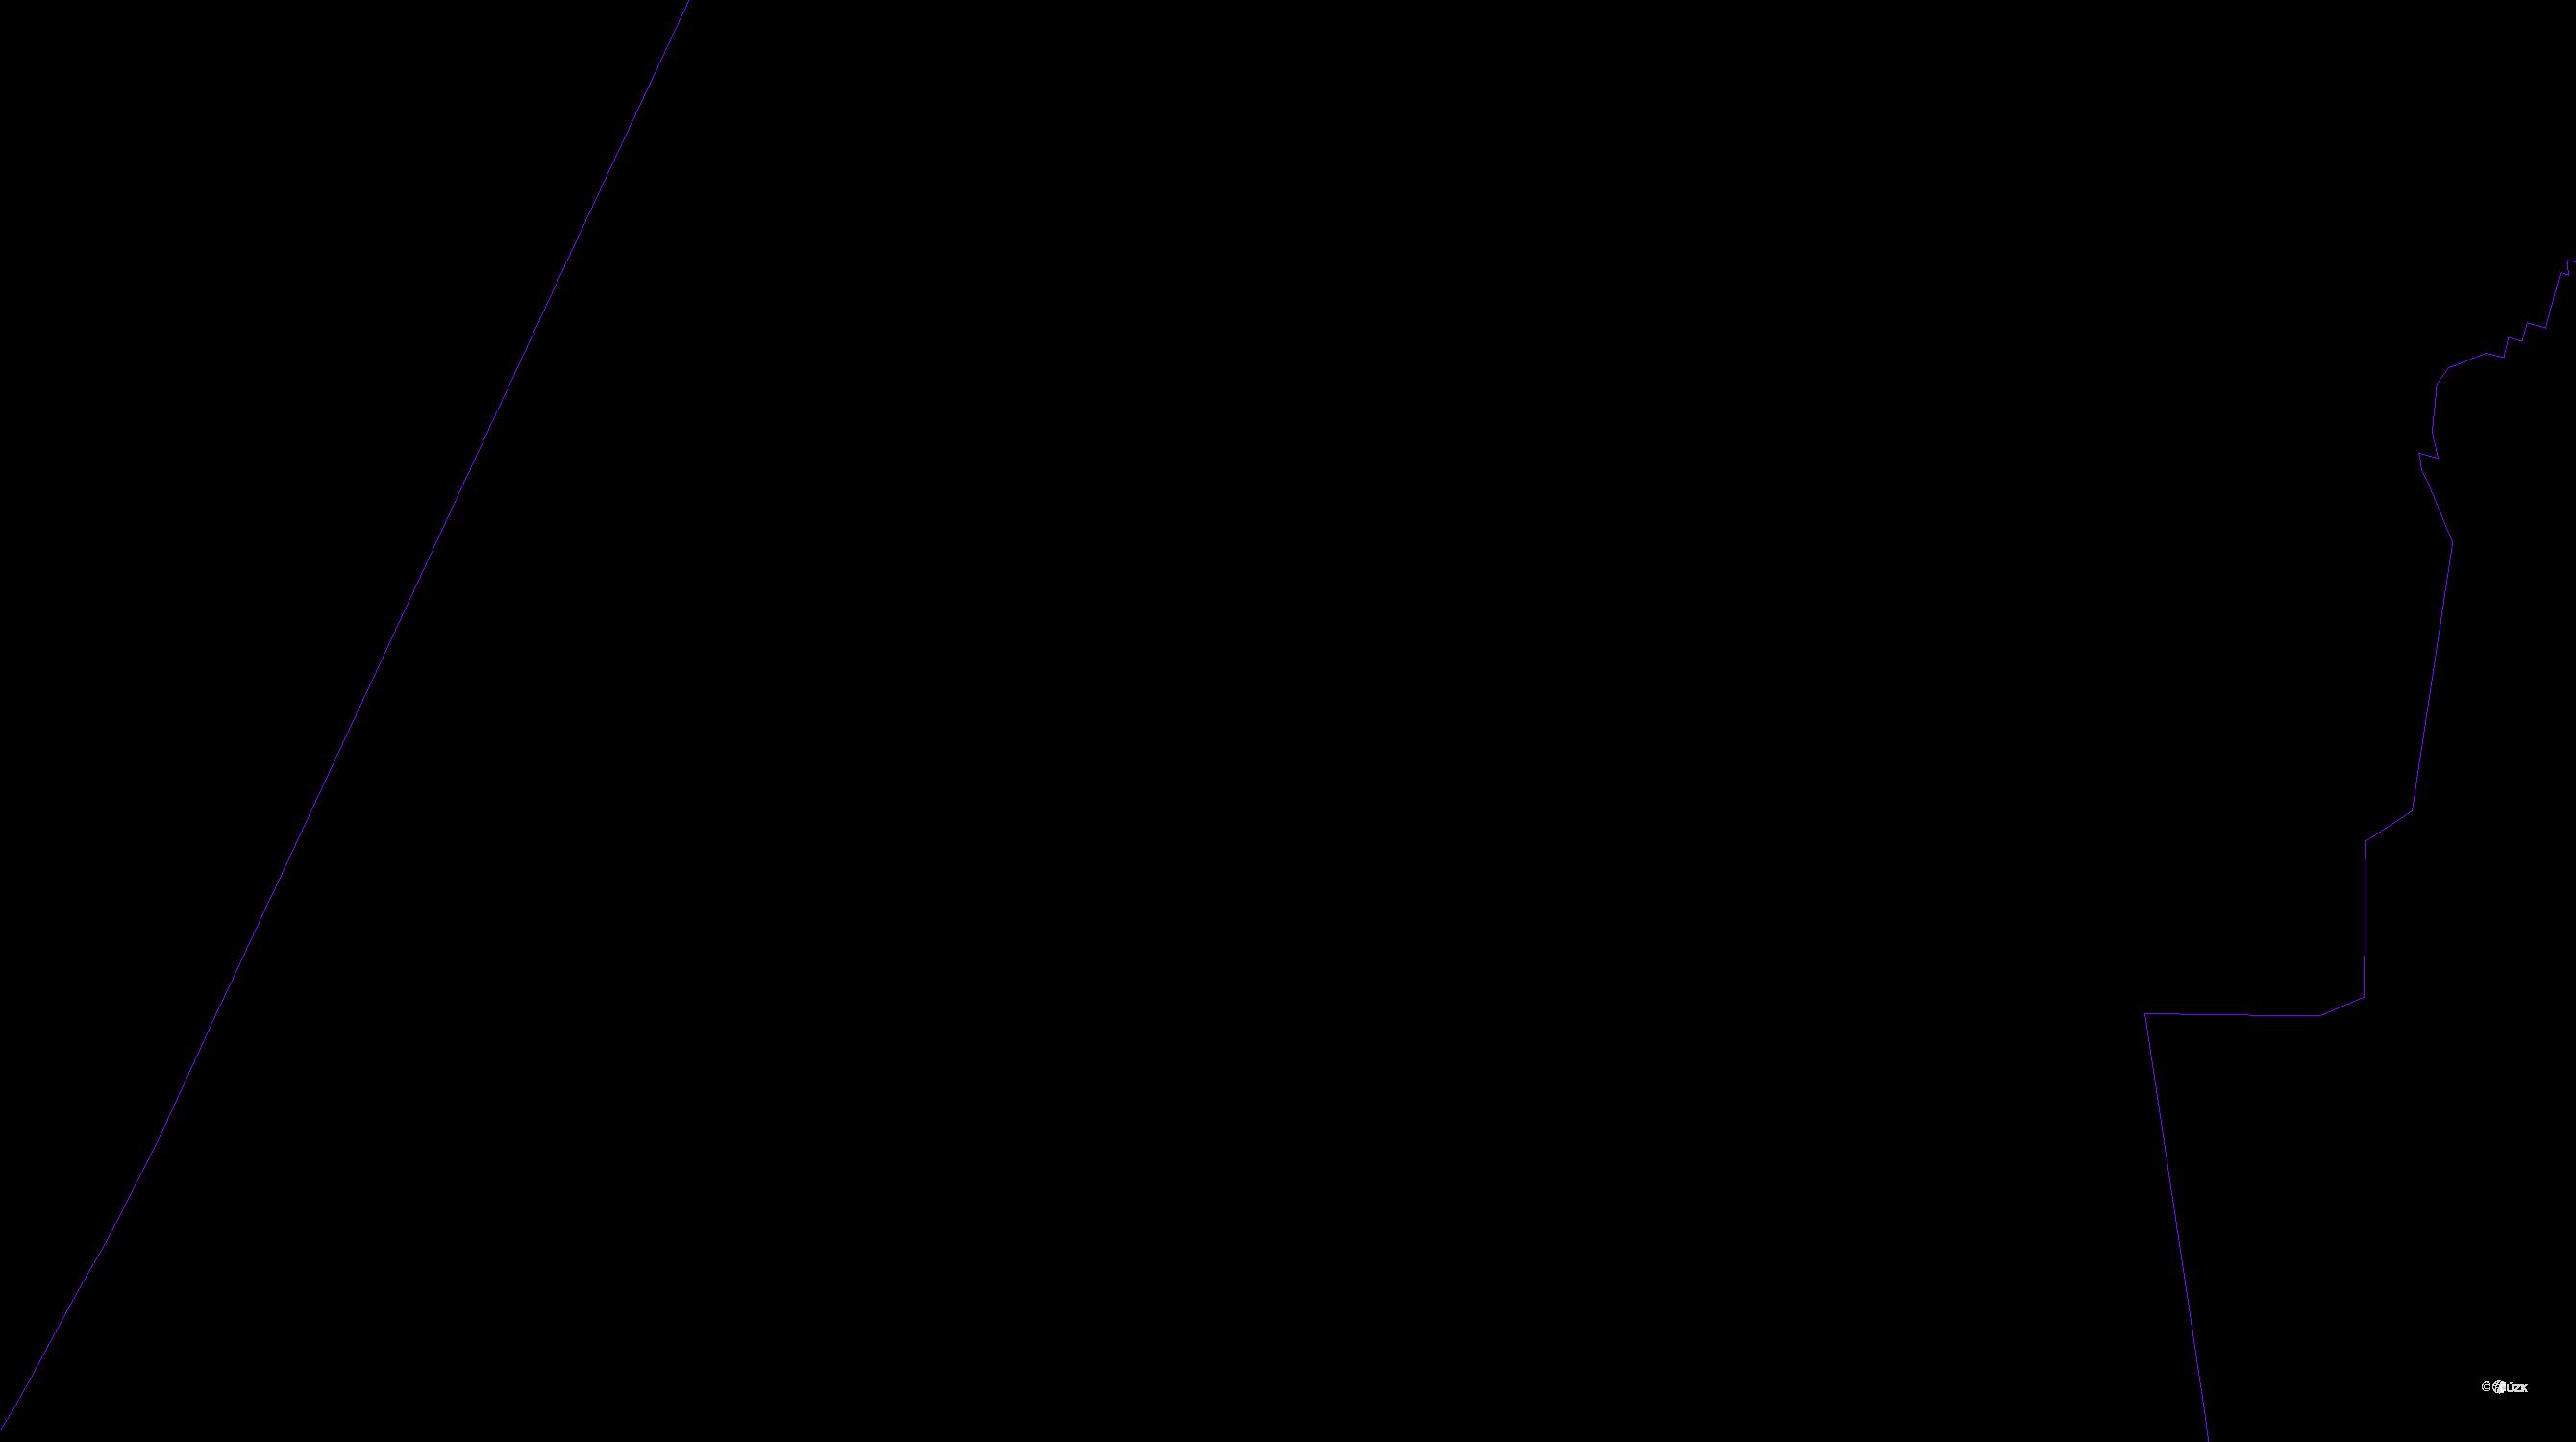 Katastrální mapa pozemků a čísla parcel Povel